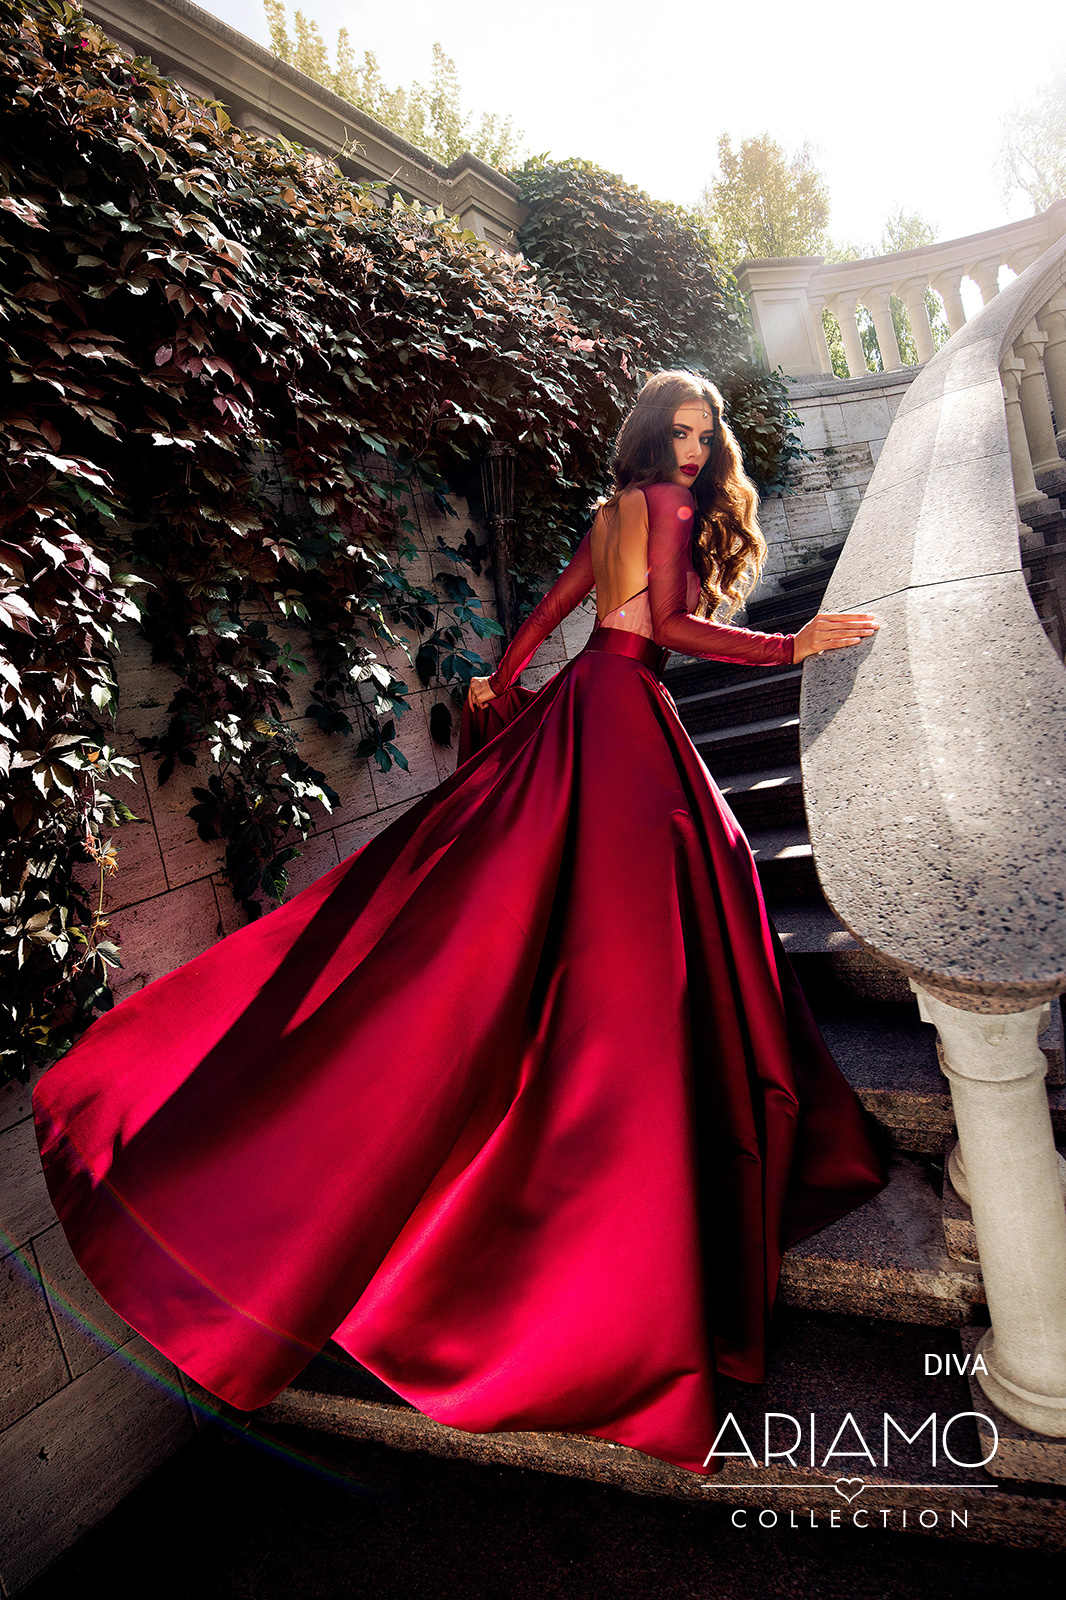 Прокат платьев нижний новгород недорого цены фото варианты стоимость